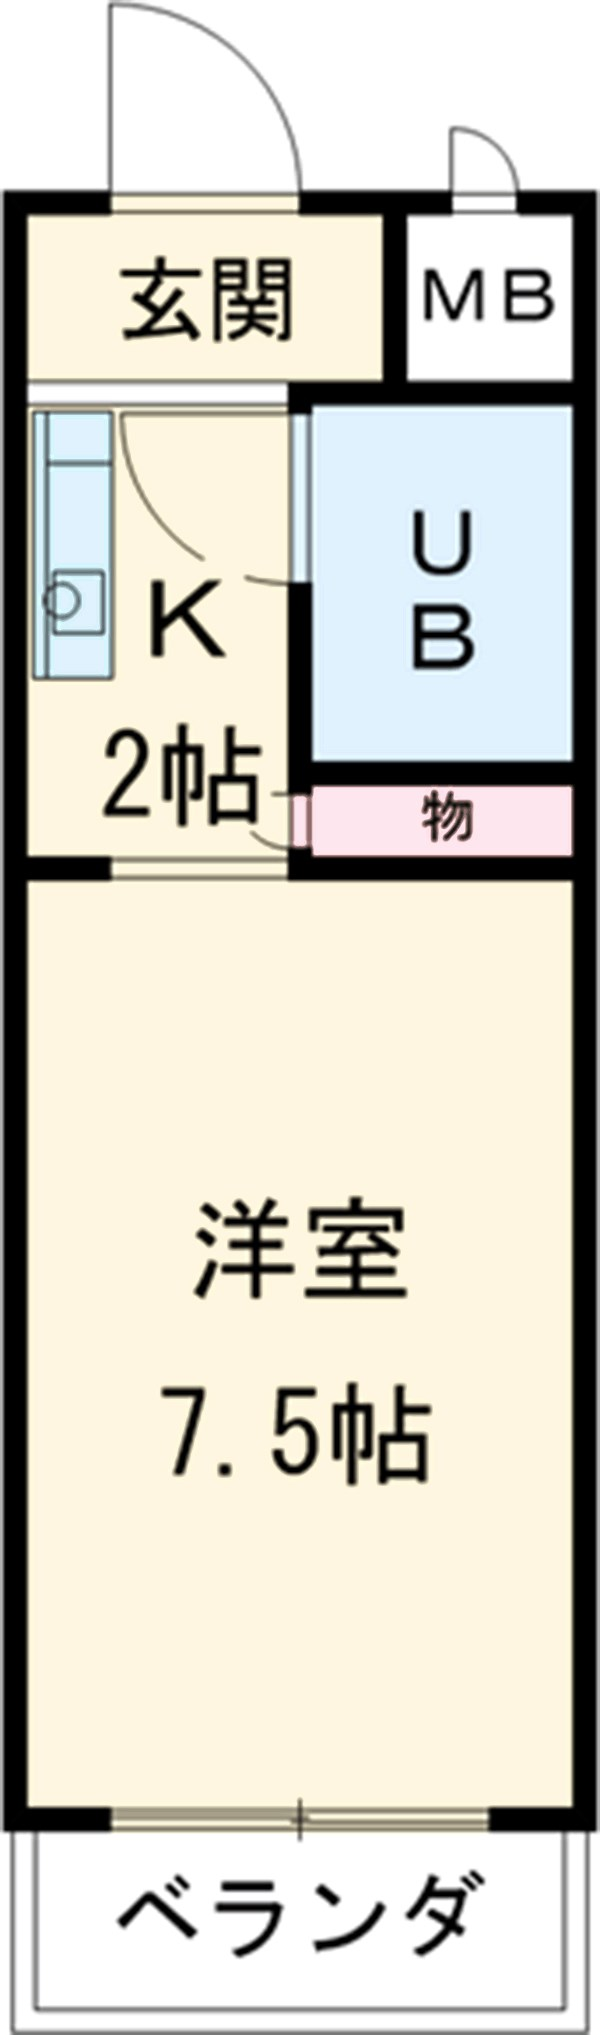 サンシャイン富士パート1・508号室の間取り